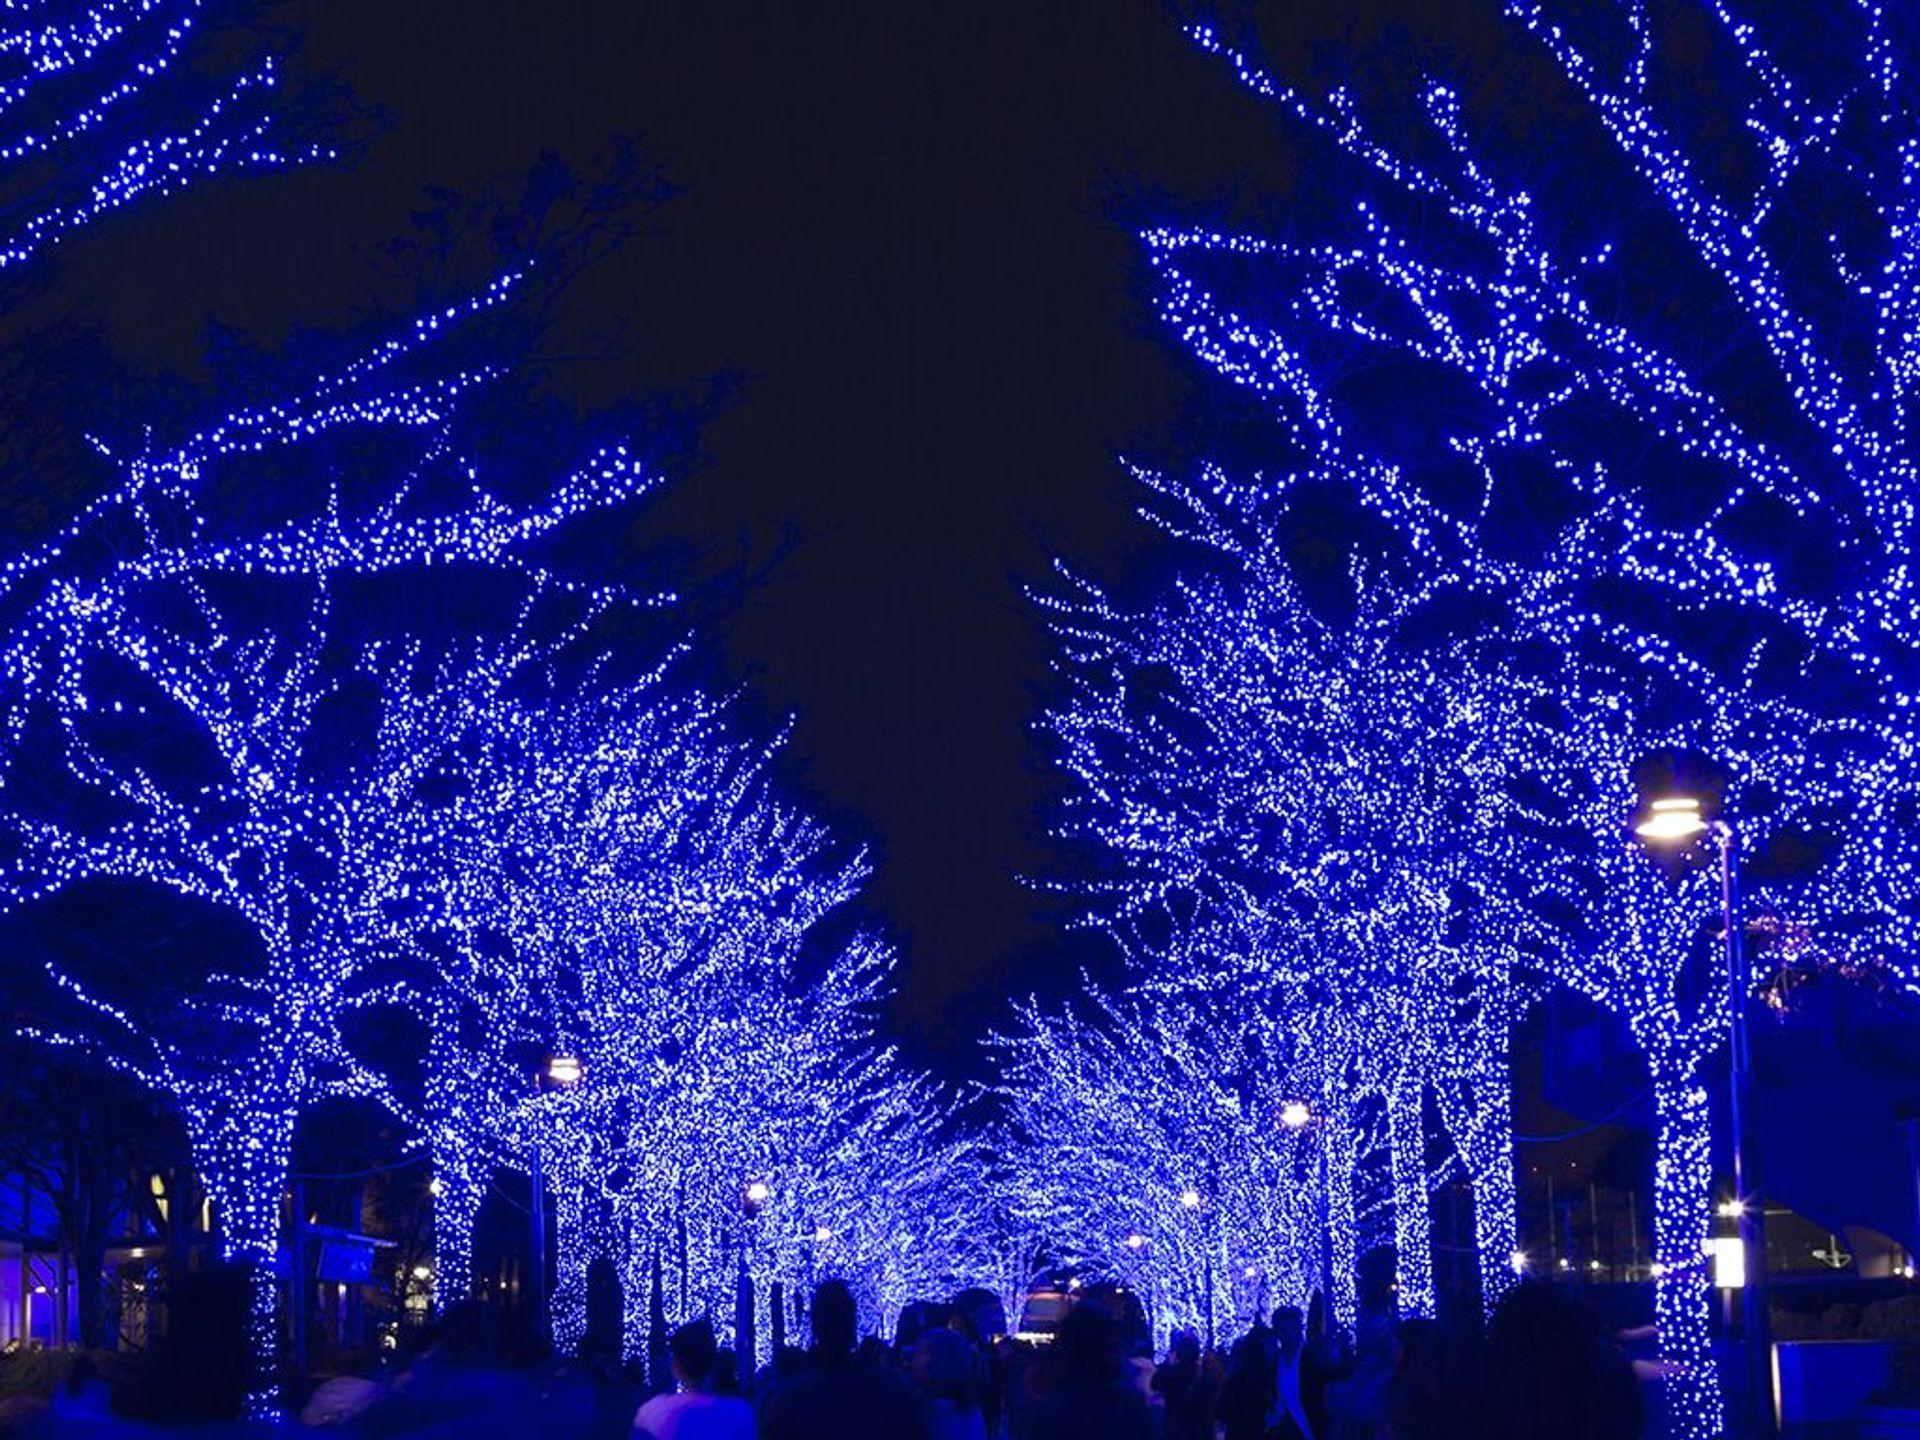 Photos Of 25 Stunning Christmas Light Displays Around The World Christmas Light Displays Light Display Christmas Lights